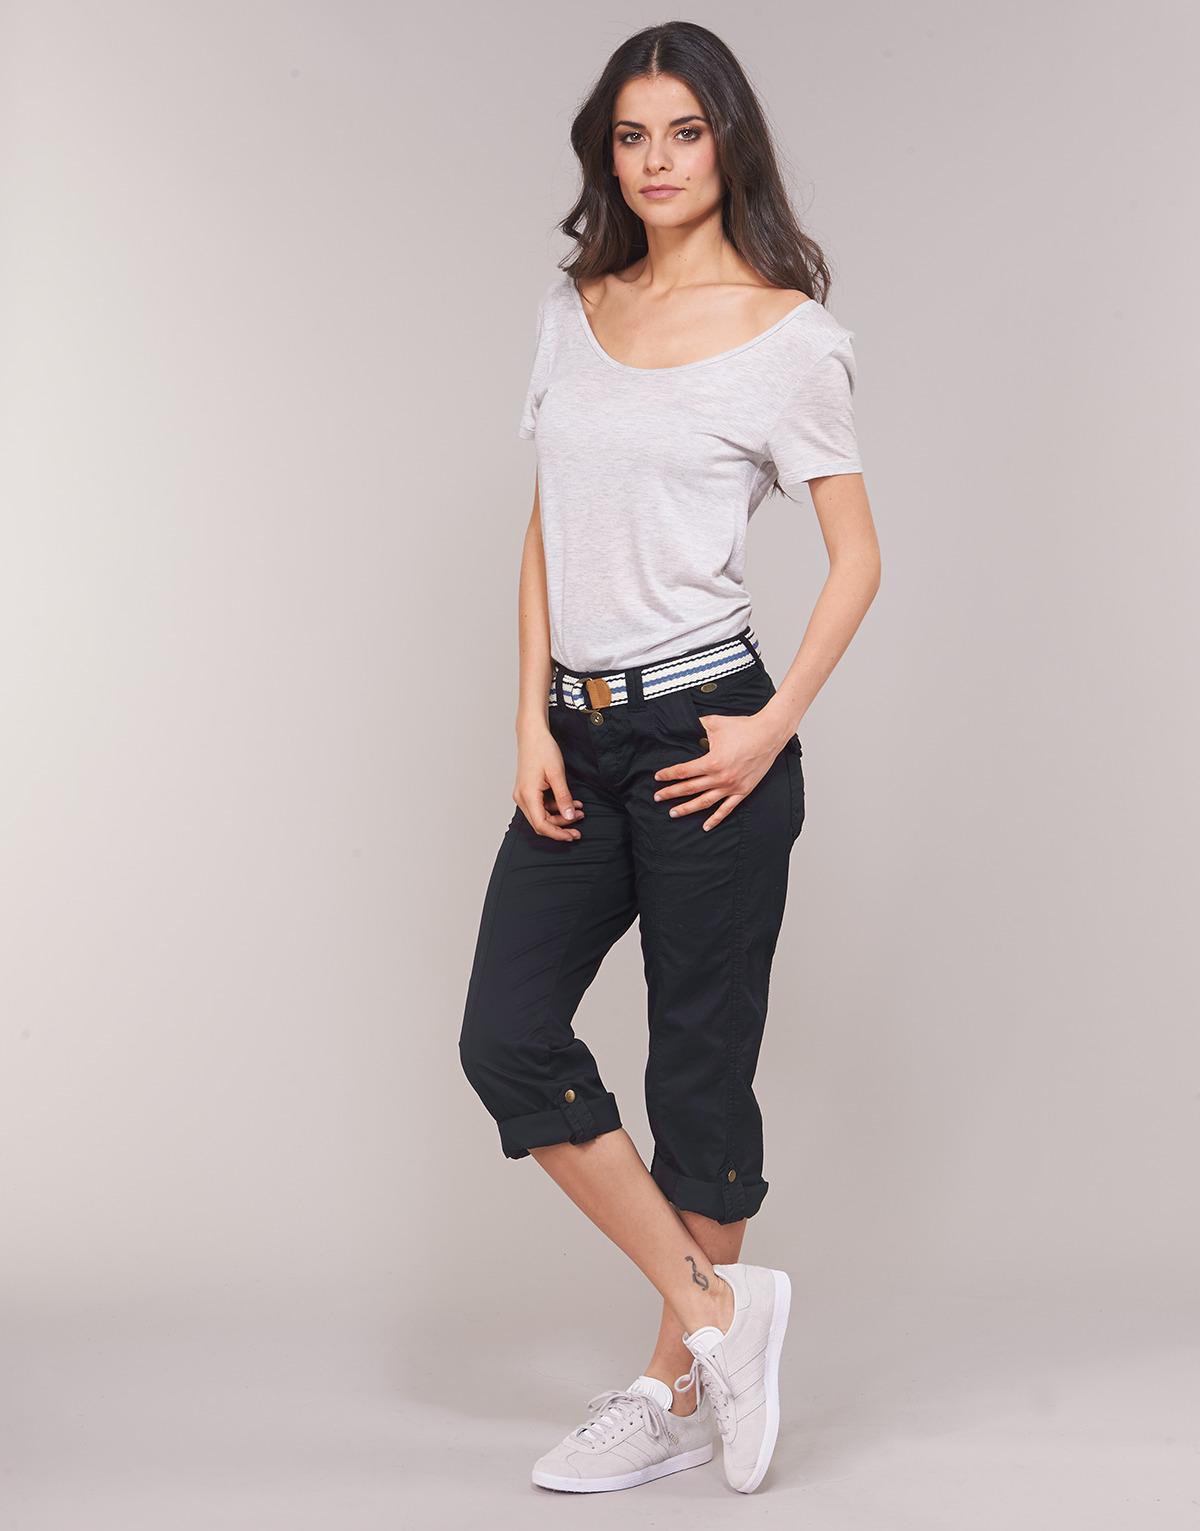 Trousers Black Lyst In 4rqc5j3al Esprit Vassino OZTPiuwkX